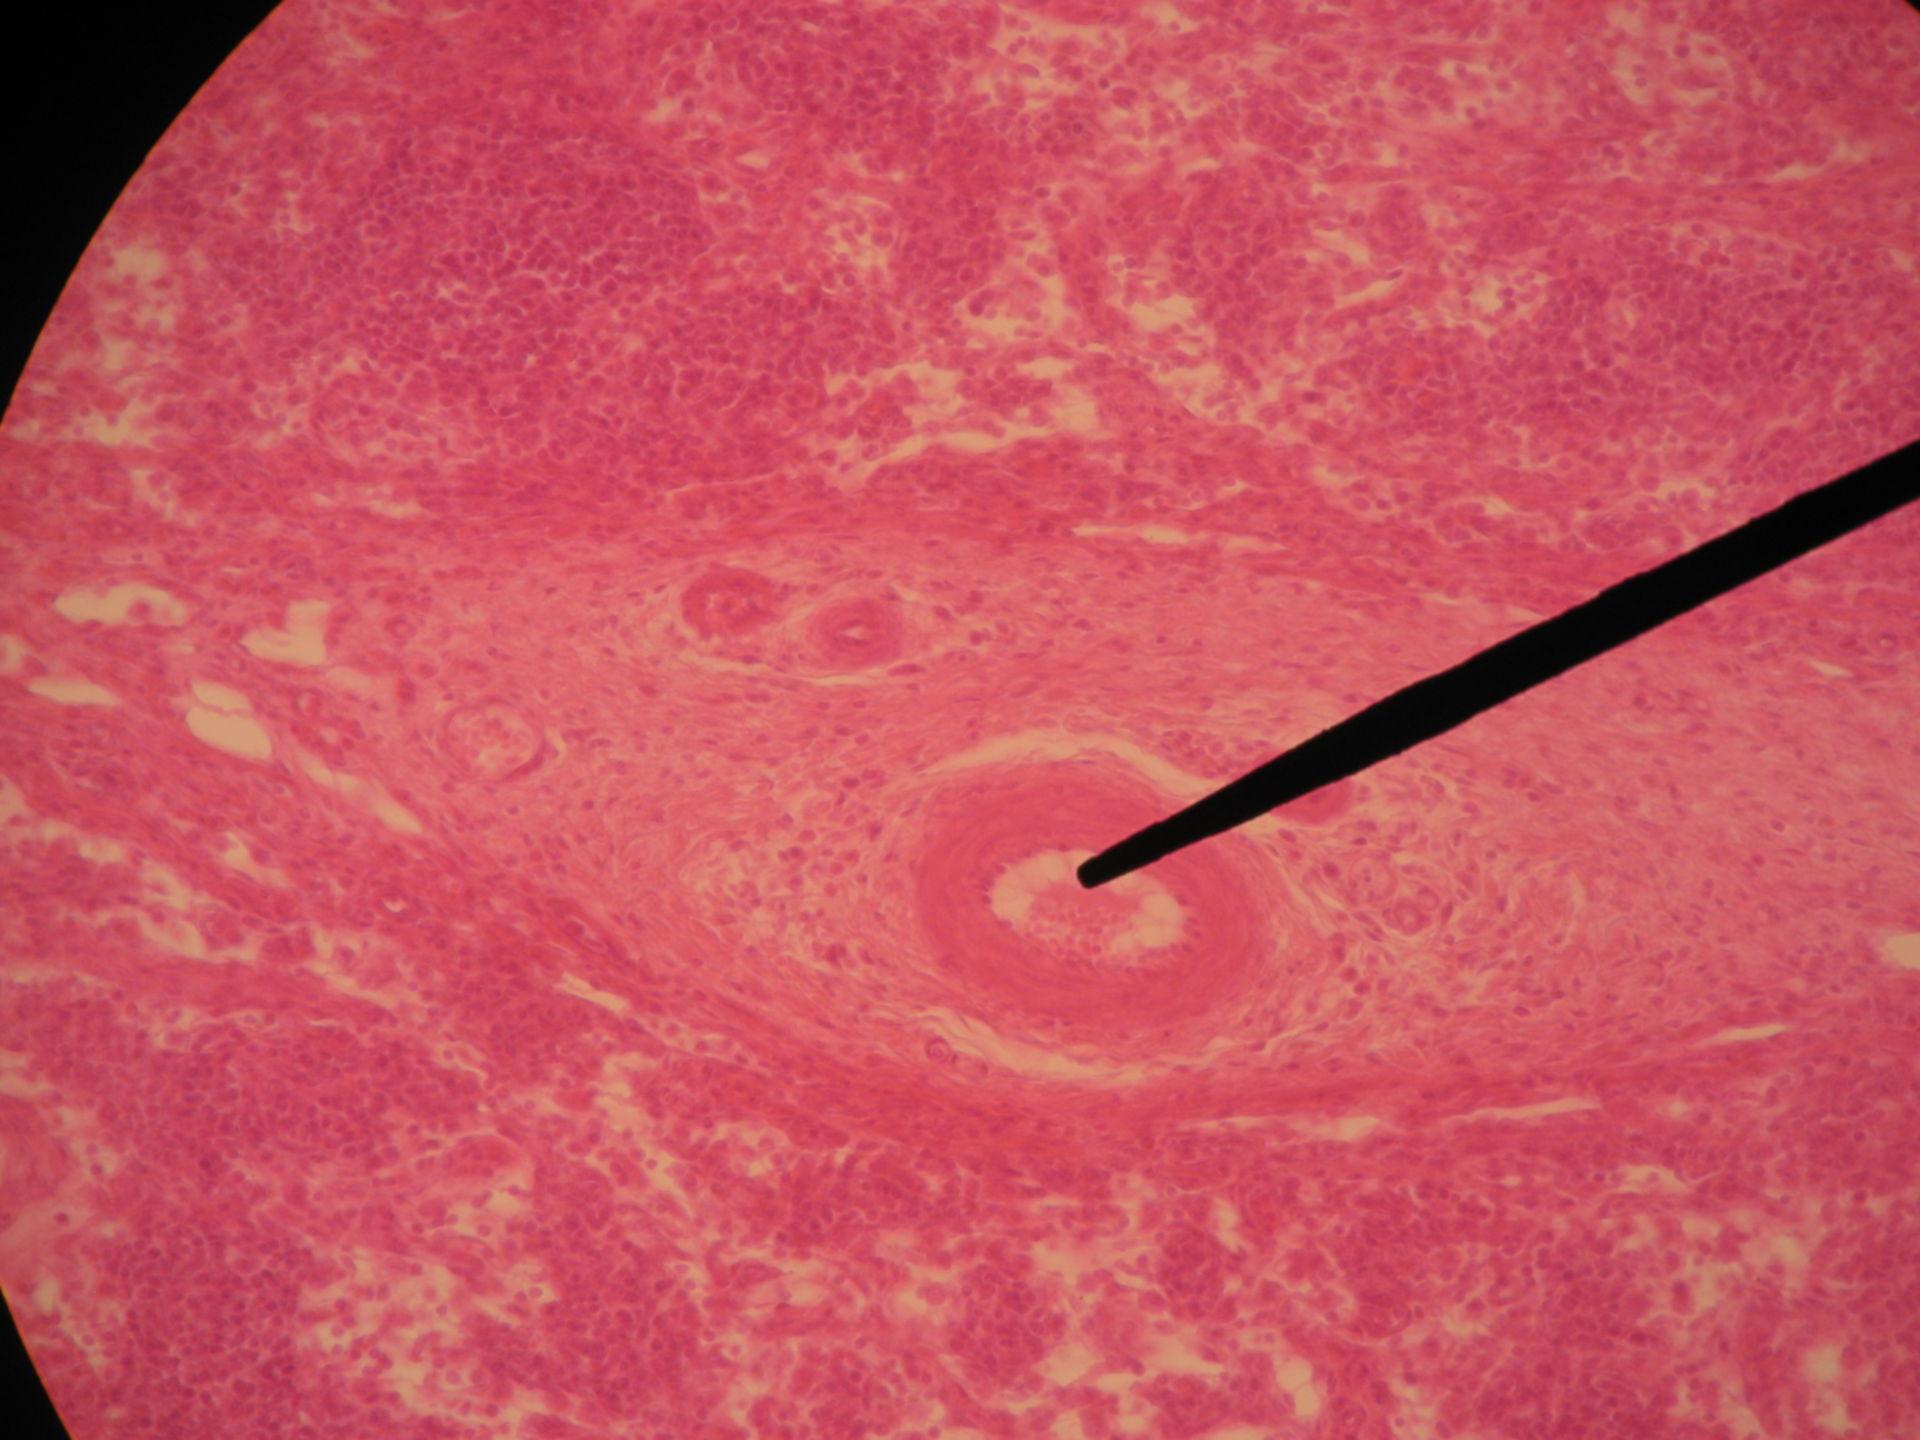 Lymphknoten des Rindes 6 - Hilus und Blutgefäße